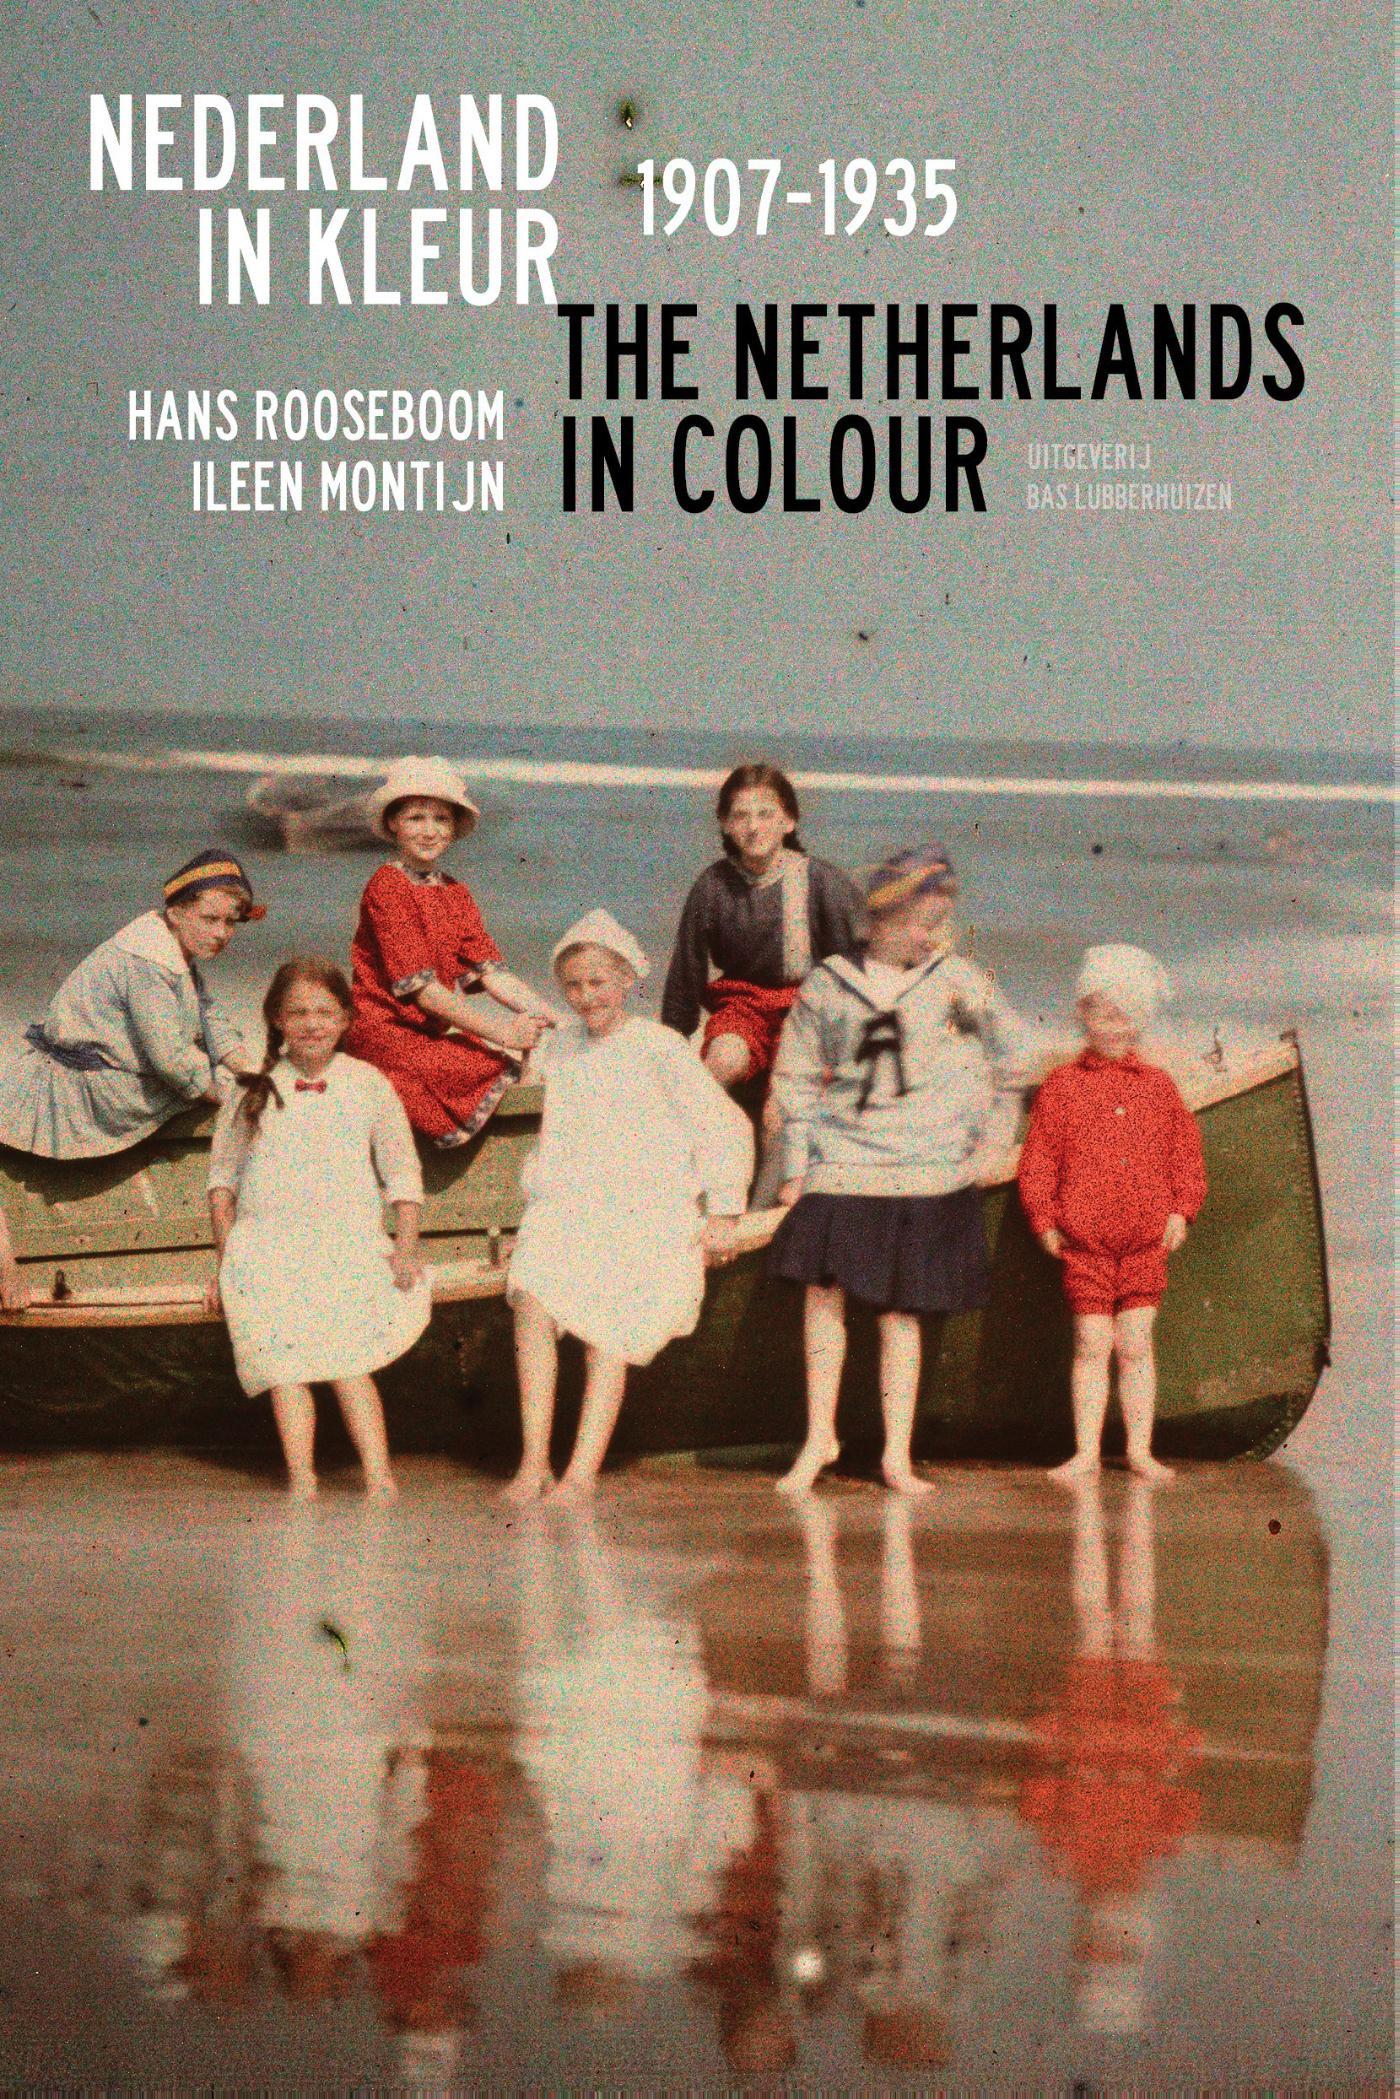 Nederland in Kleur 1907-1935   Hans Rooseboom, Ileen Montijn 9789059374676 Hans Rooseboom, Ileen Montijn Bas Lubberhuizen   Fotoboeken, Historische reisgidsen, Landeninformatie Nederland